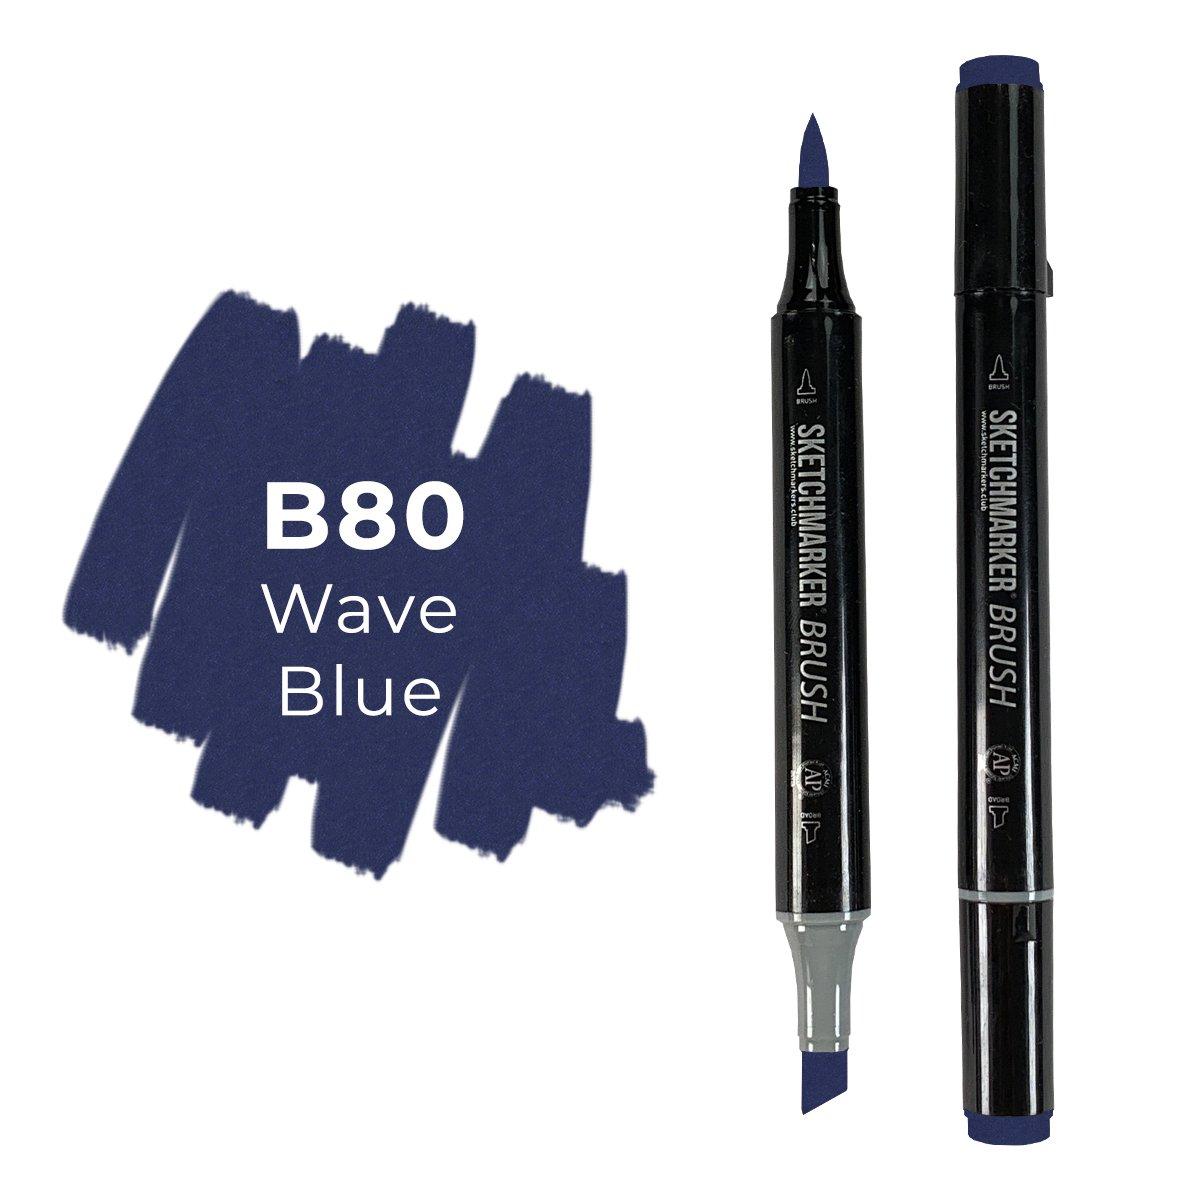 SKETCHMARKER BRUSH PRO Color: Wave Blue